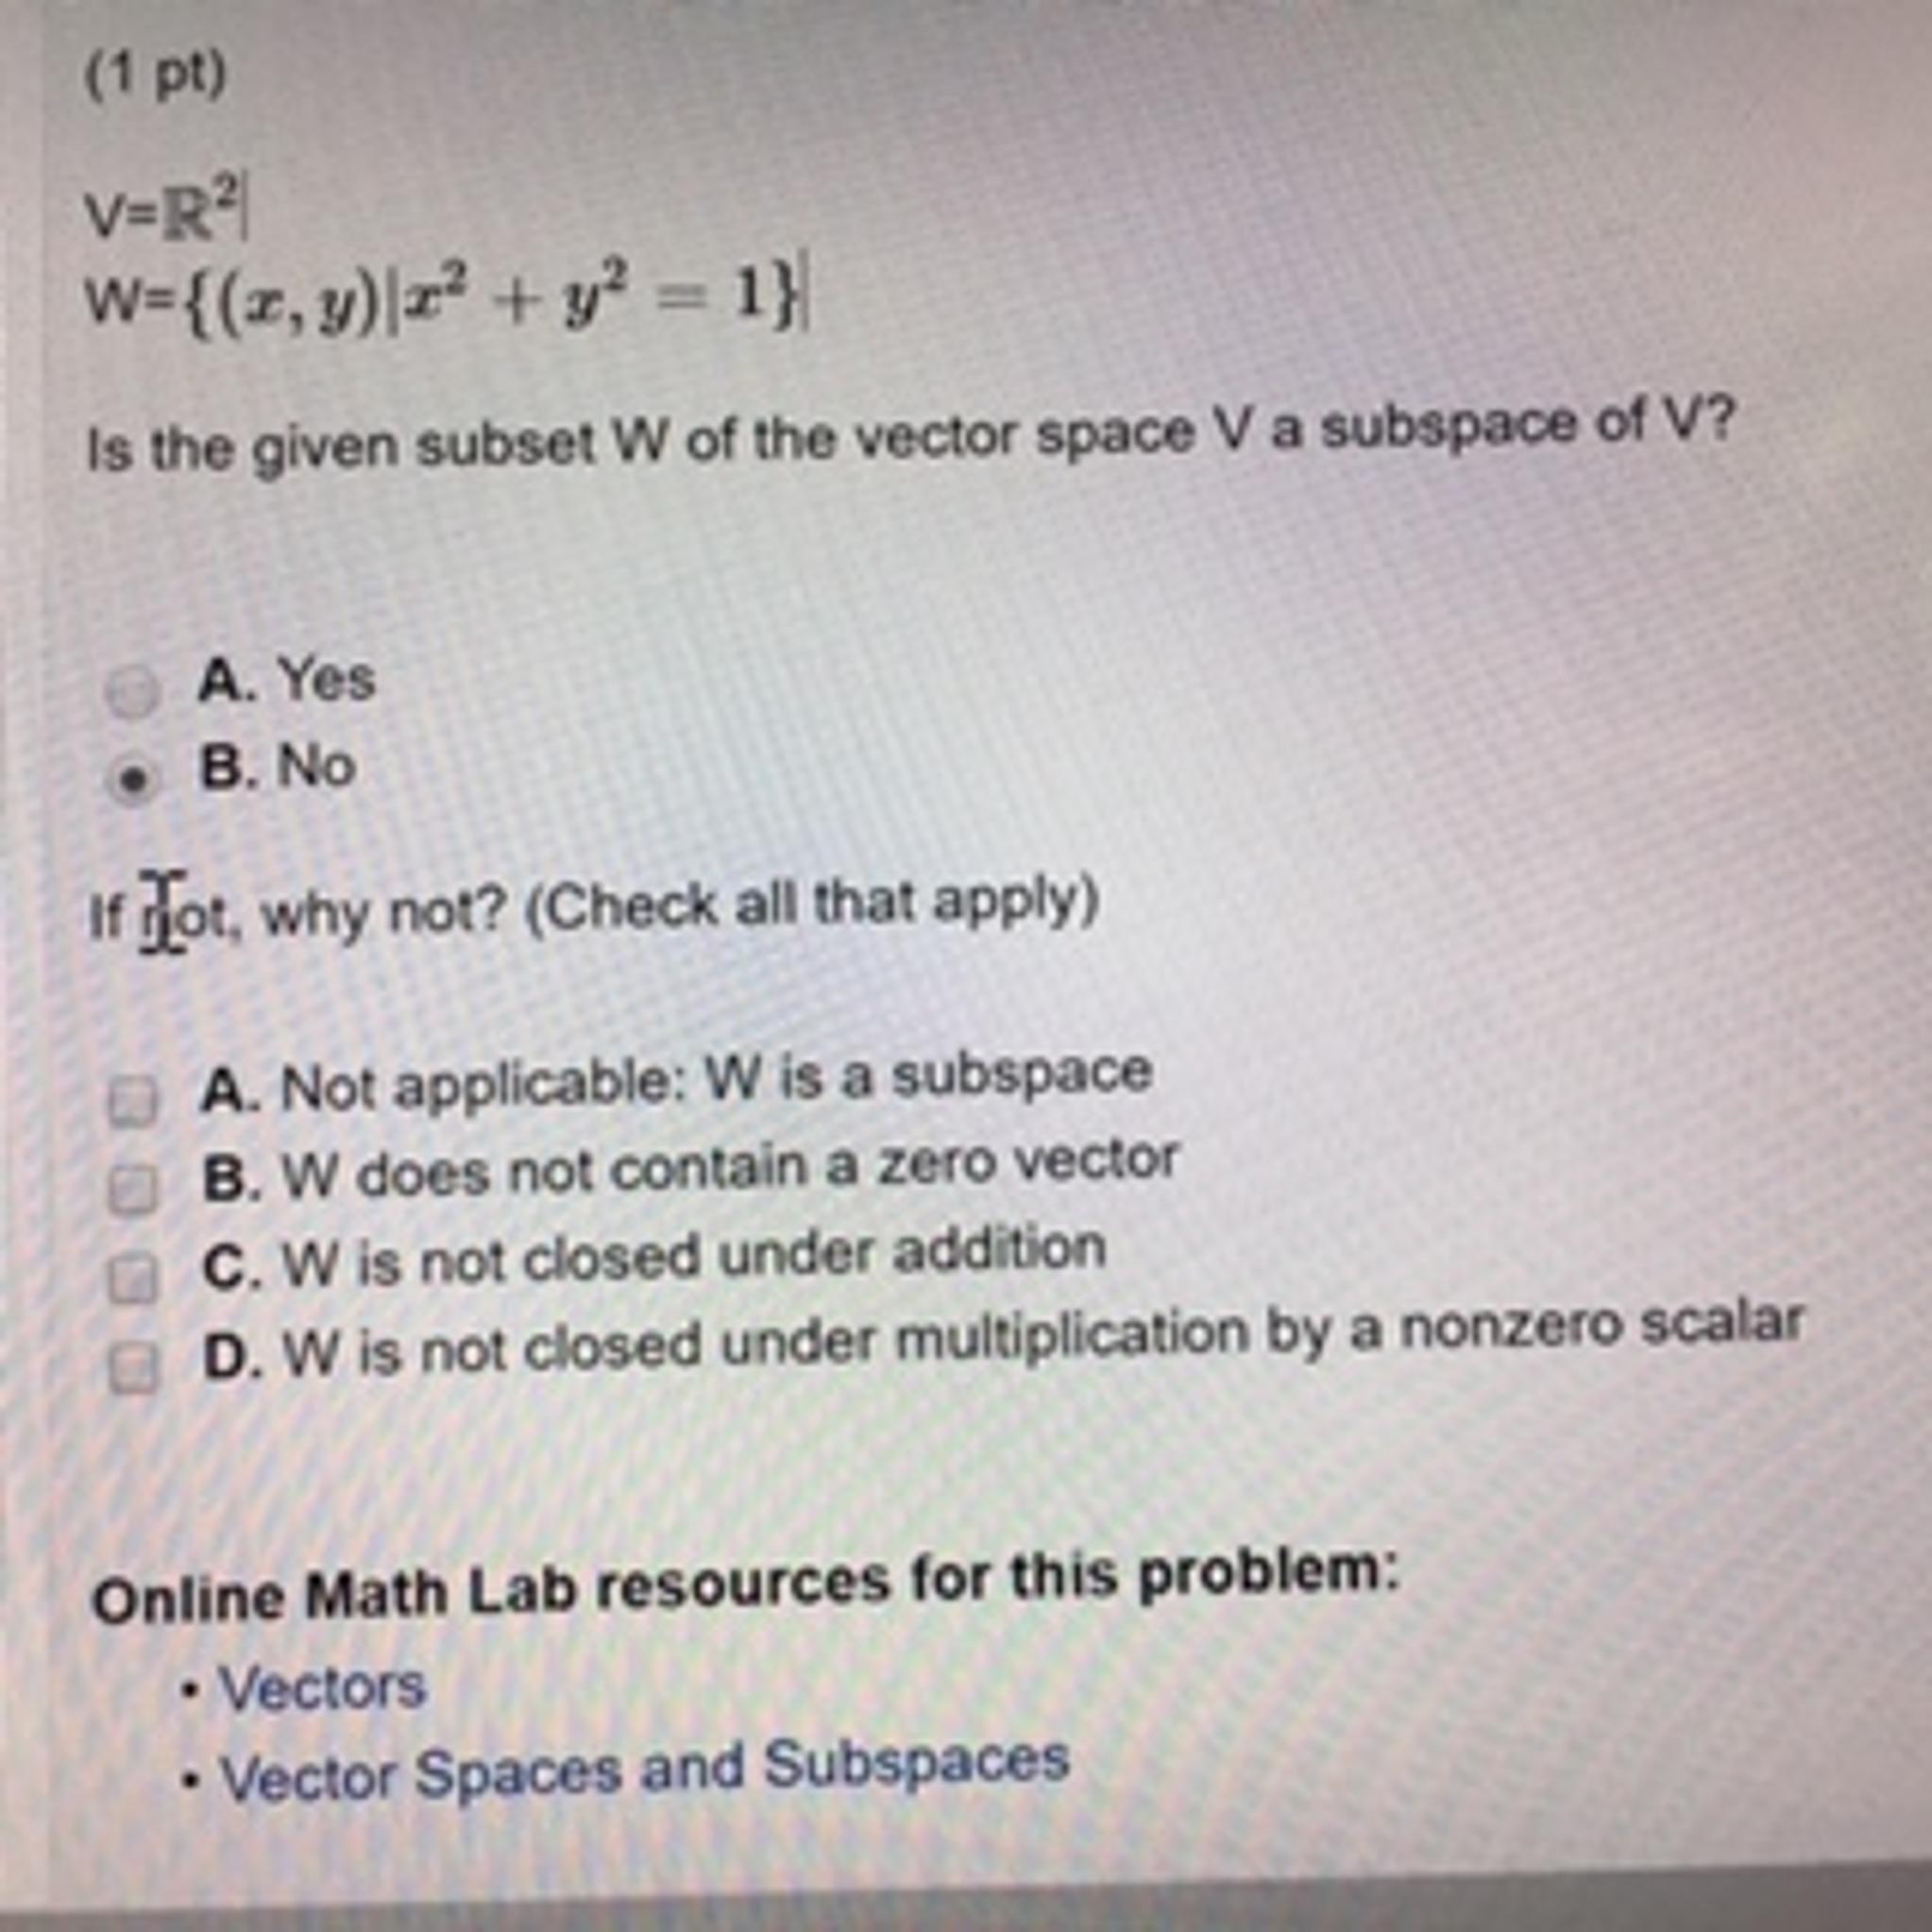 Unique Vectors Math Worksheets Photos - Math Worksheets - modopol.com